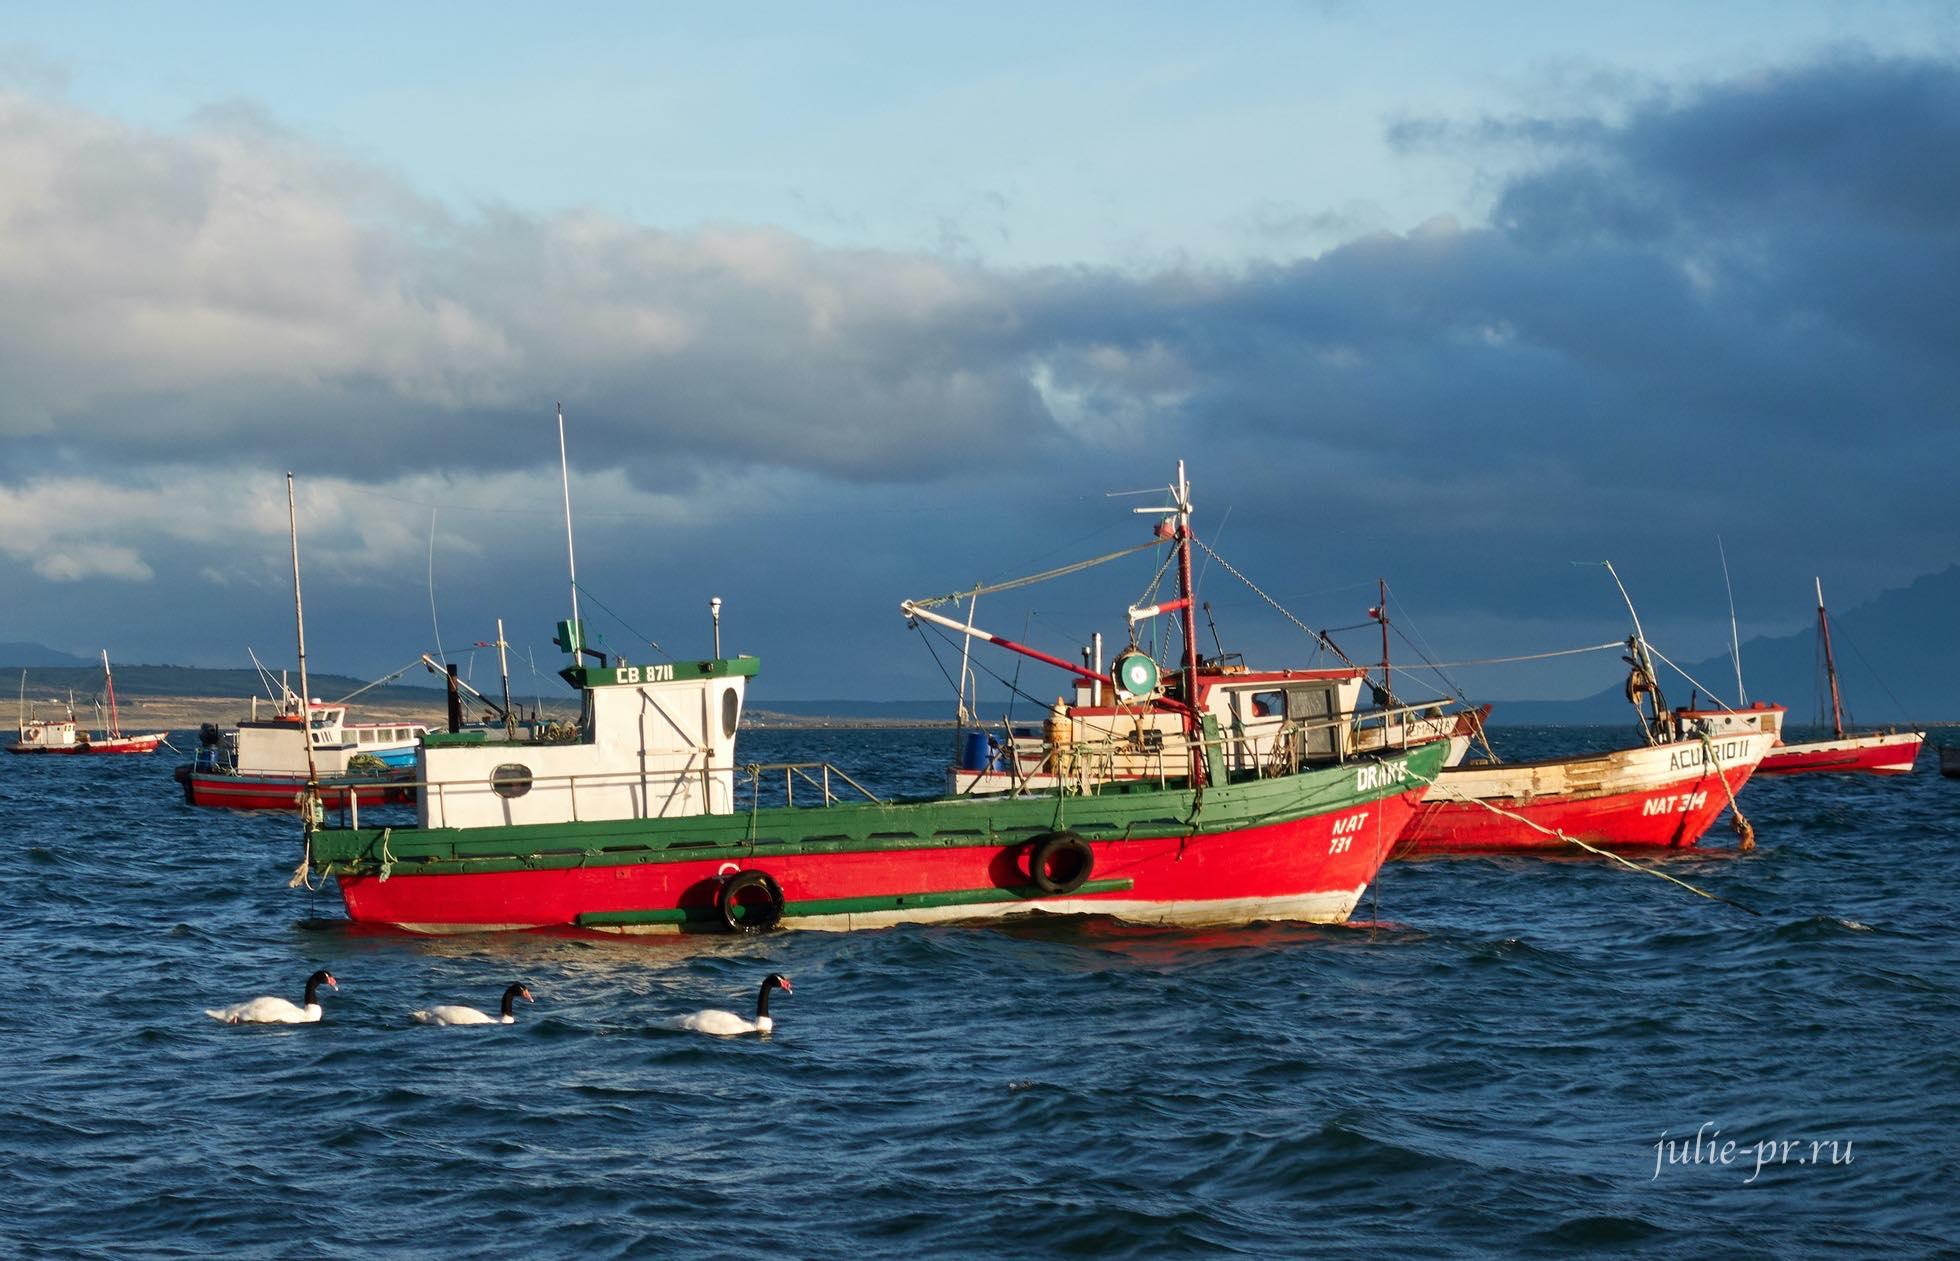 Чили, Патагония, Пуэрто-Наталес, лодки, лебеди